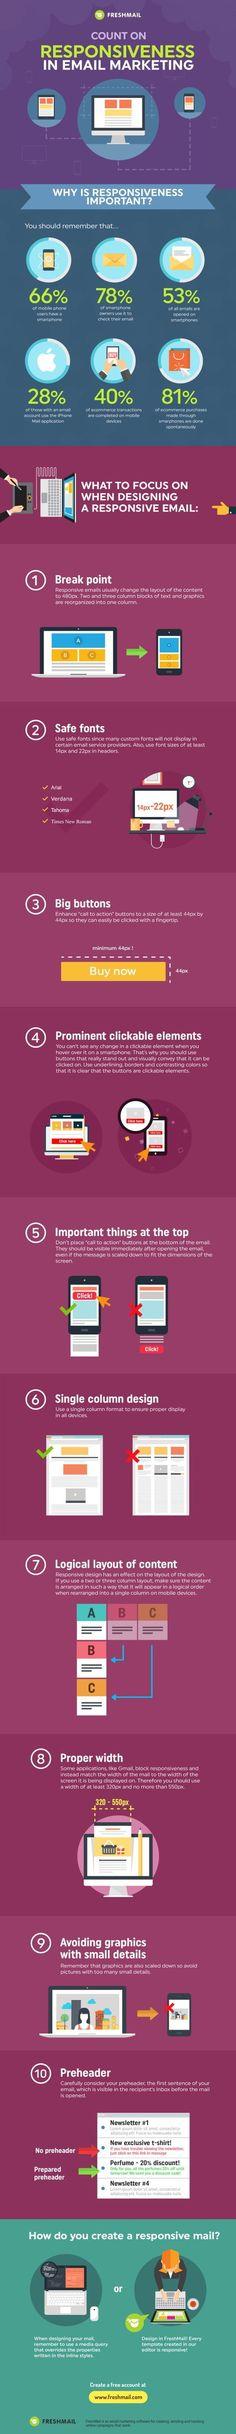 Responsiveness in email marketing Les 10 règles à respecter pour designer un email responsive © freshmail.com